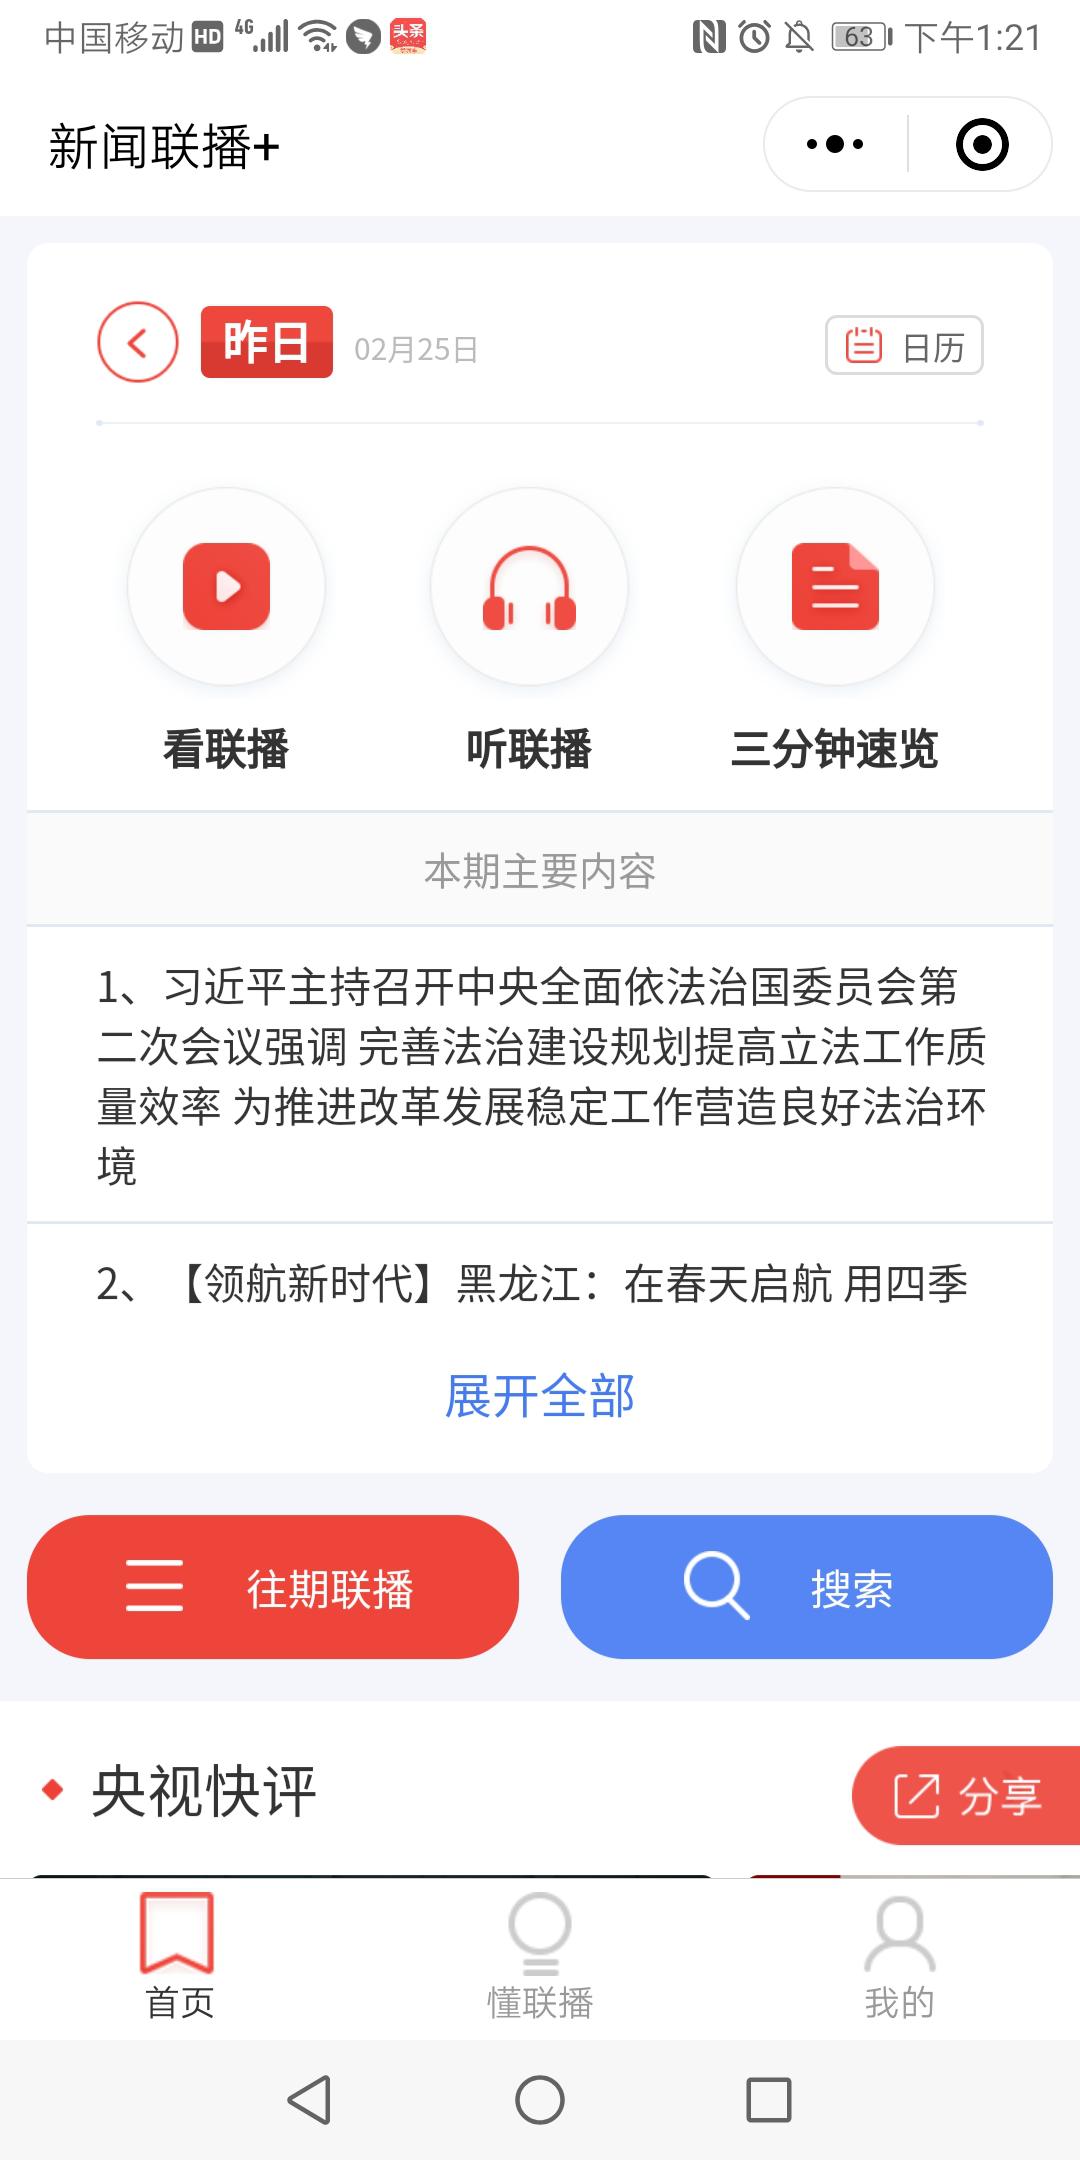 新闻联播小程序介绍